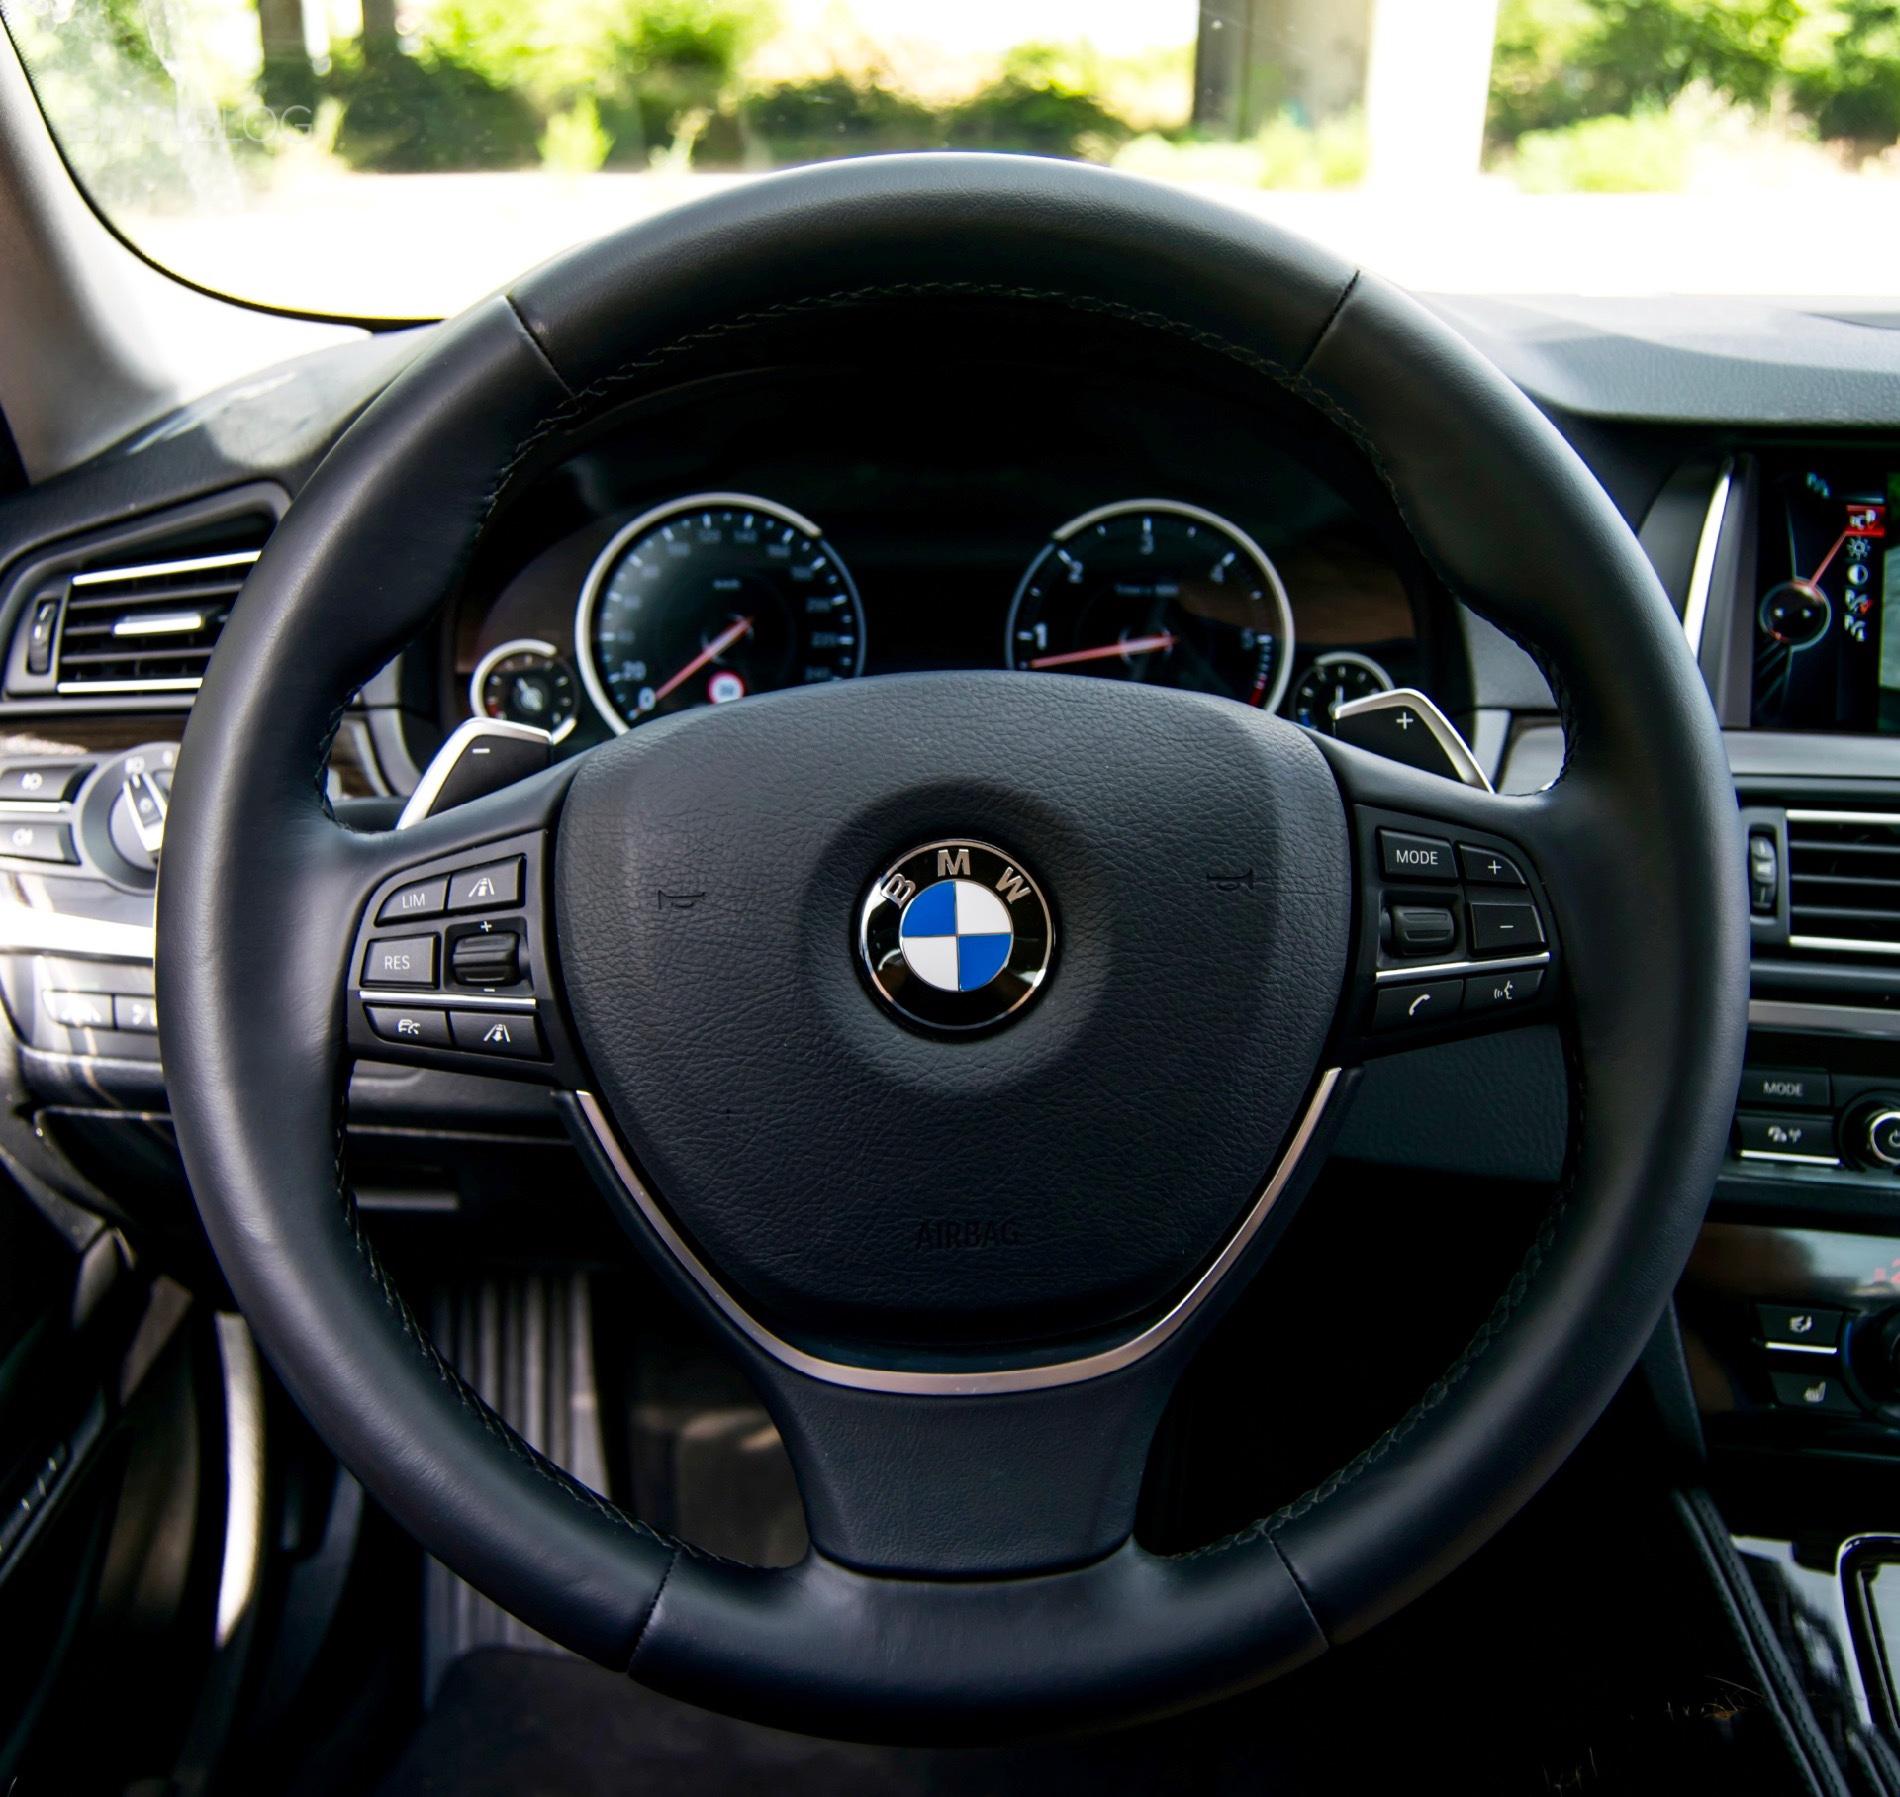 Bmw Xdrive Problems: TEST Drive: 2016 BMW 530d XDrive